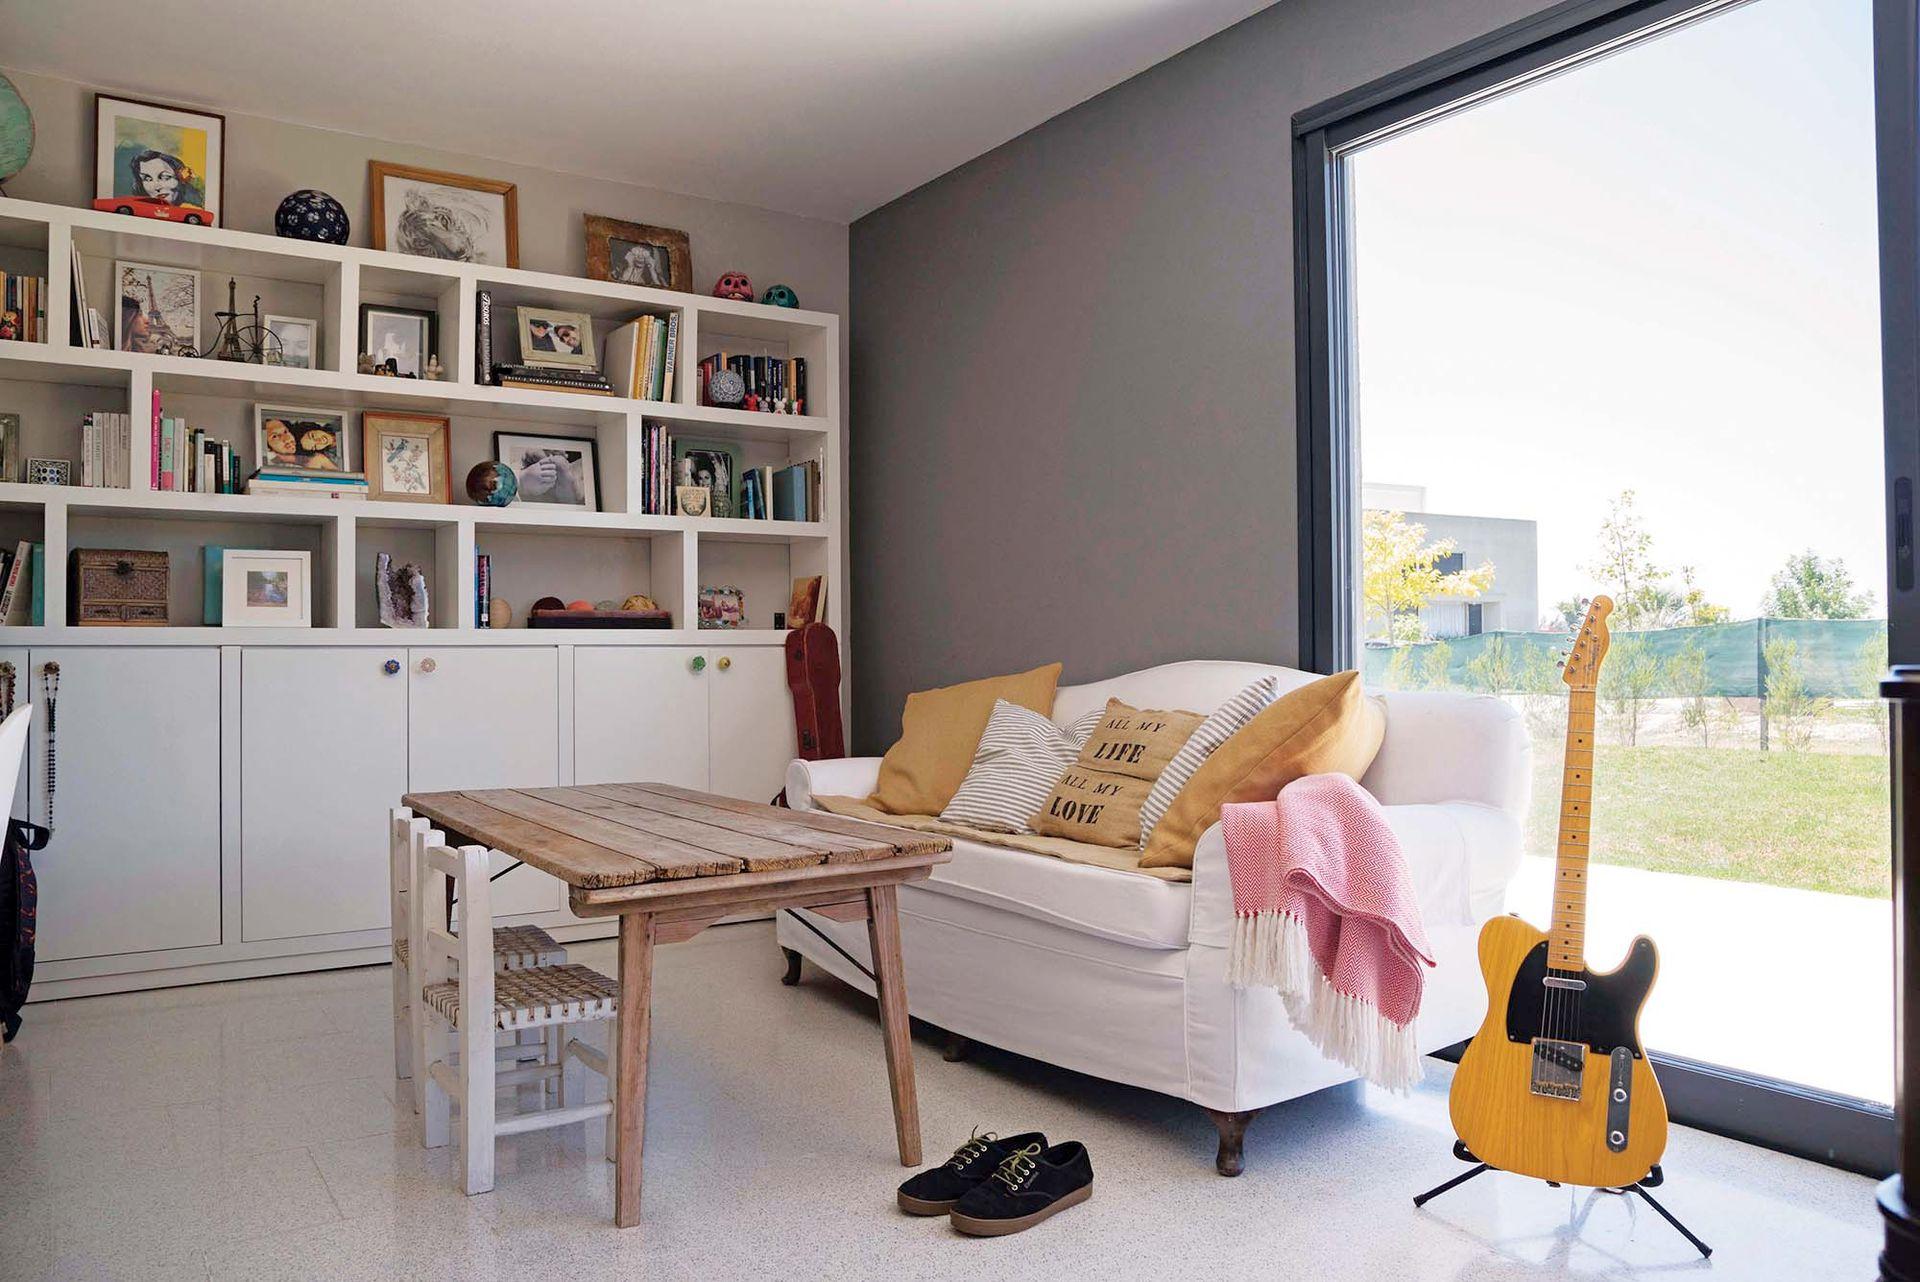 En el playroom, un sofá heredado; sillitas materas traídas de Salta y una biblioteca de pared a pared, diseño del dueño.